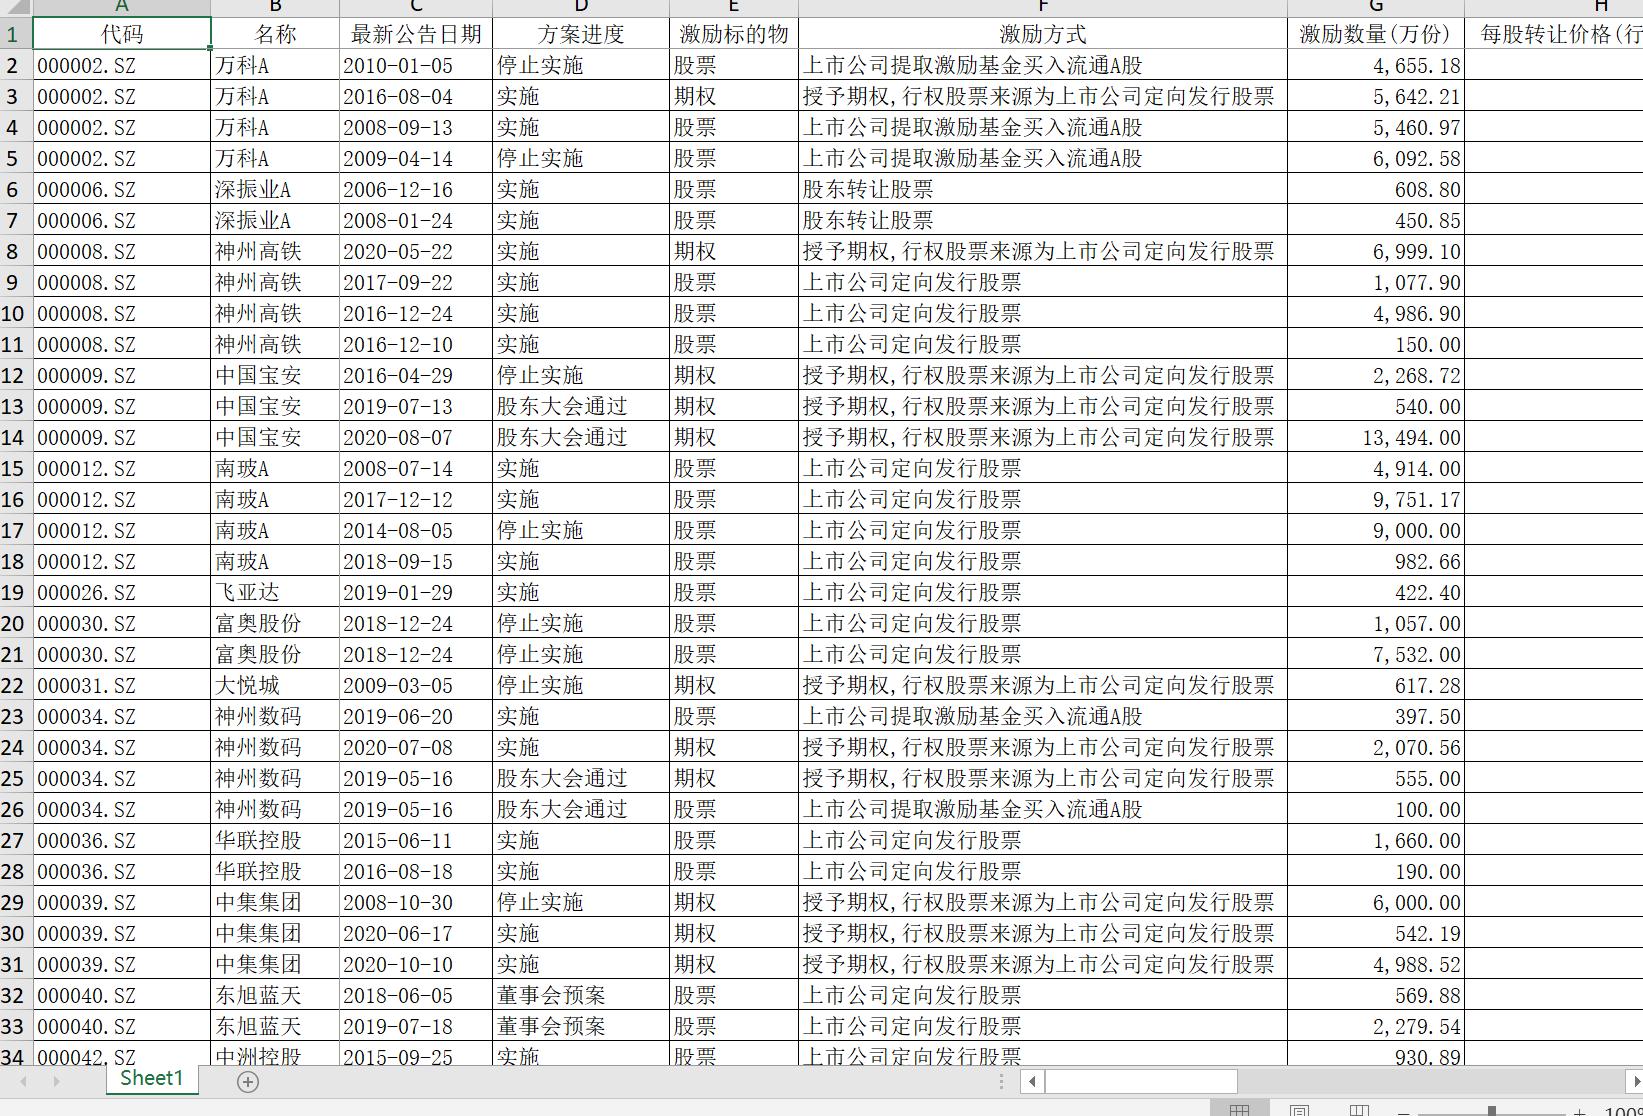 期权激励方案_2005-2020 A股上市公司实施股权激励情况一览表 - 现金交易版 - 经管 ...